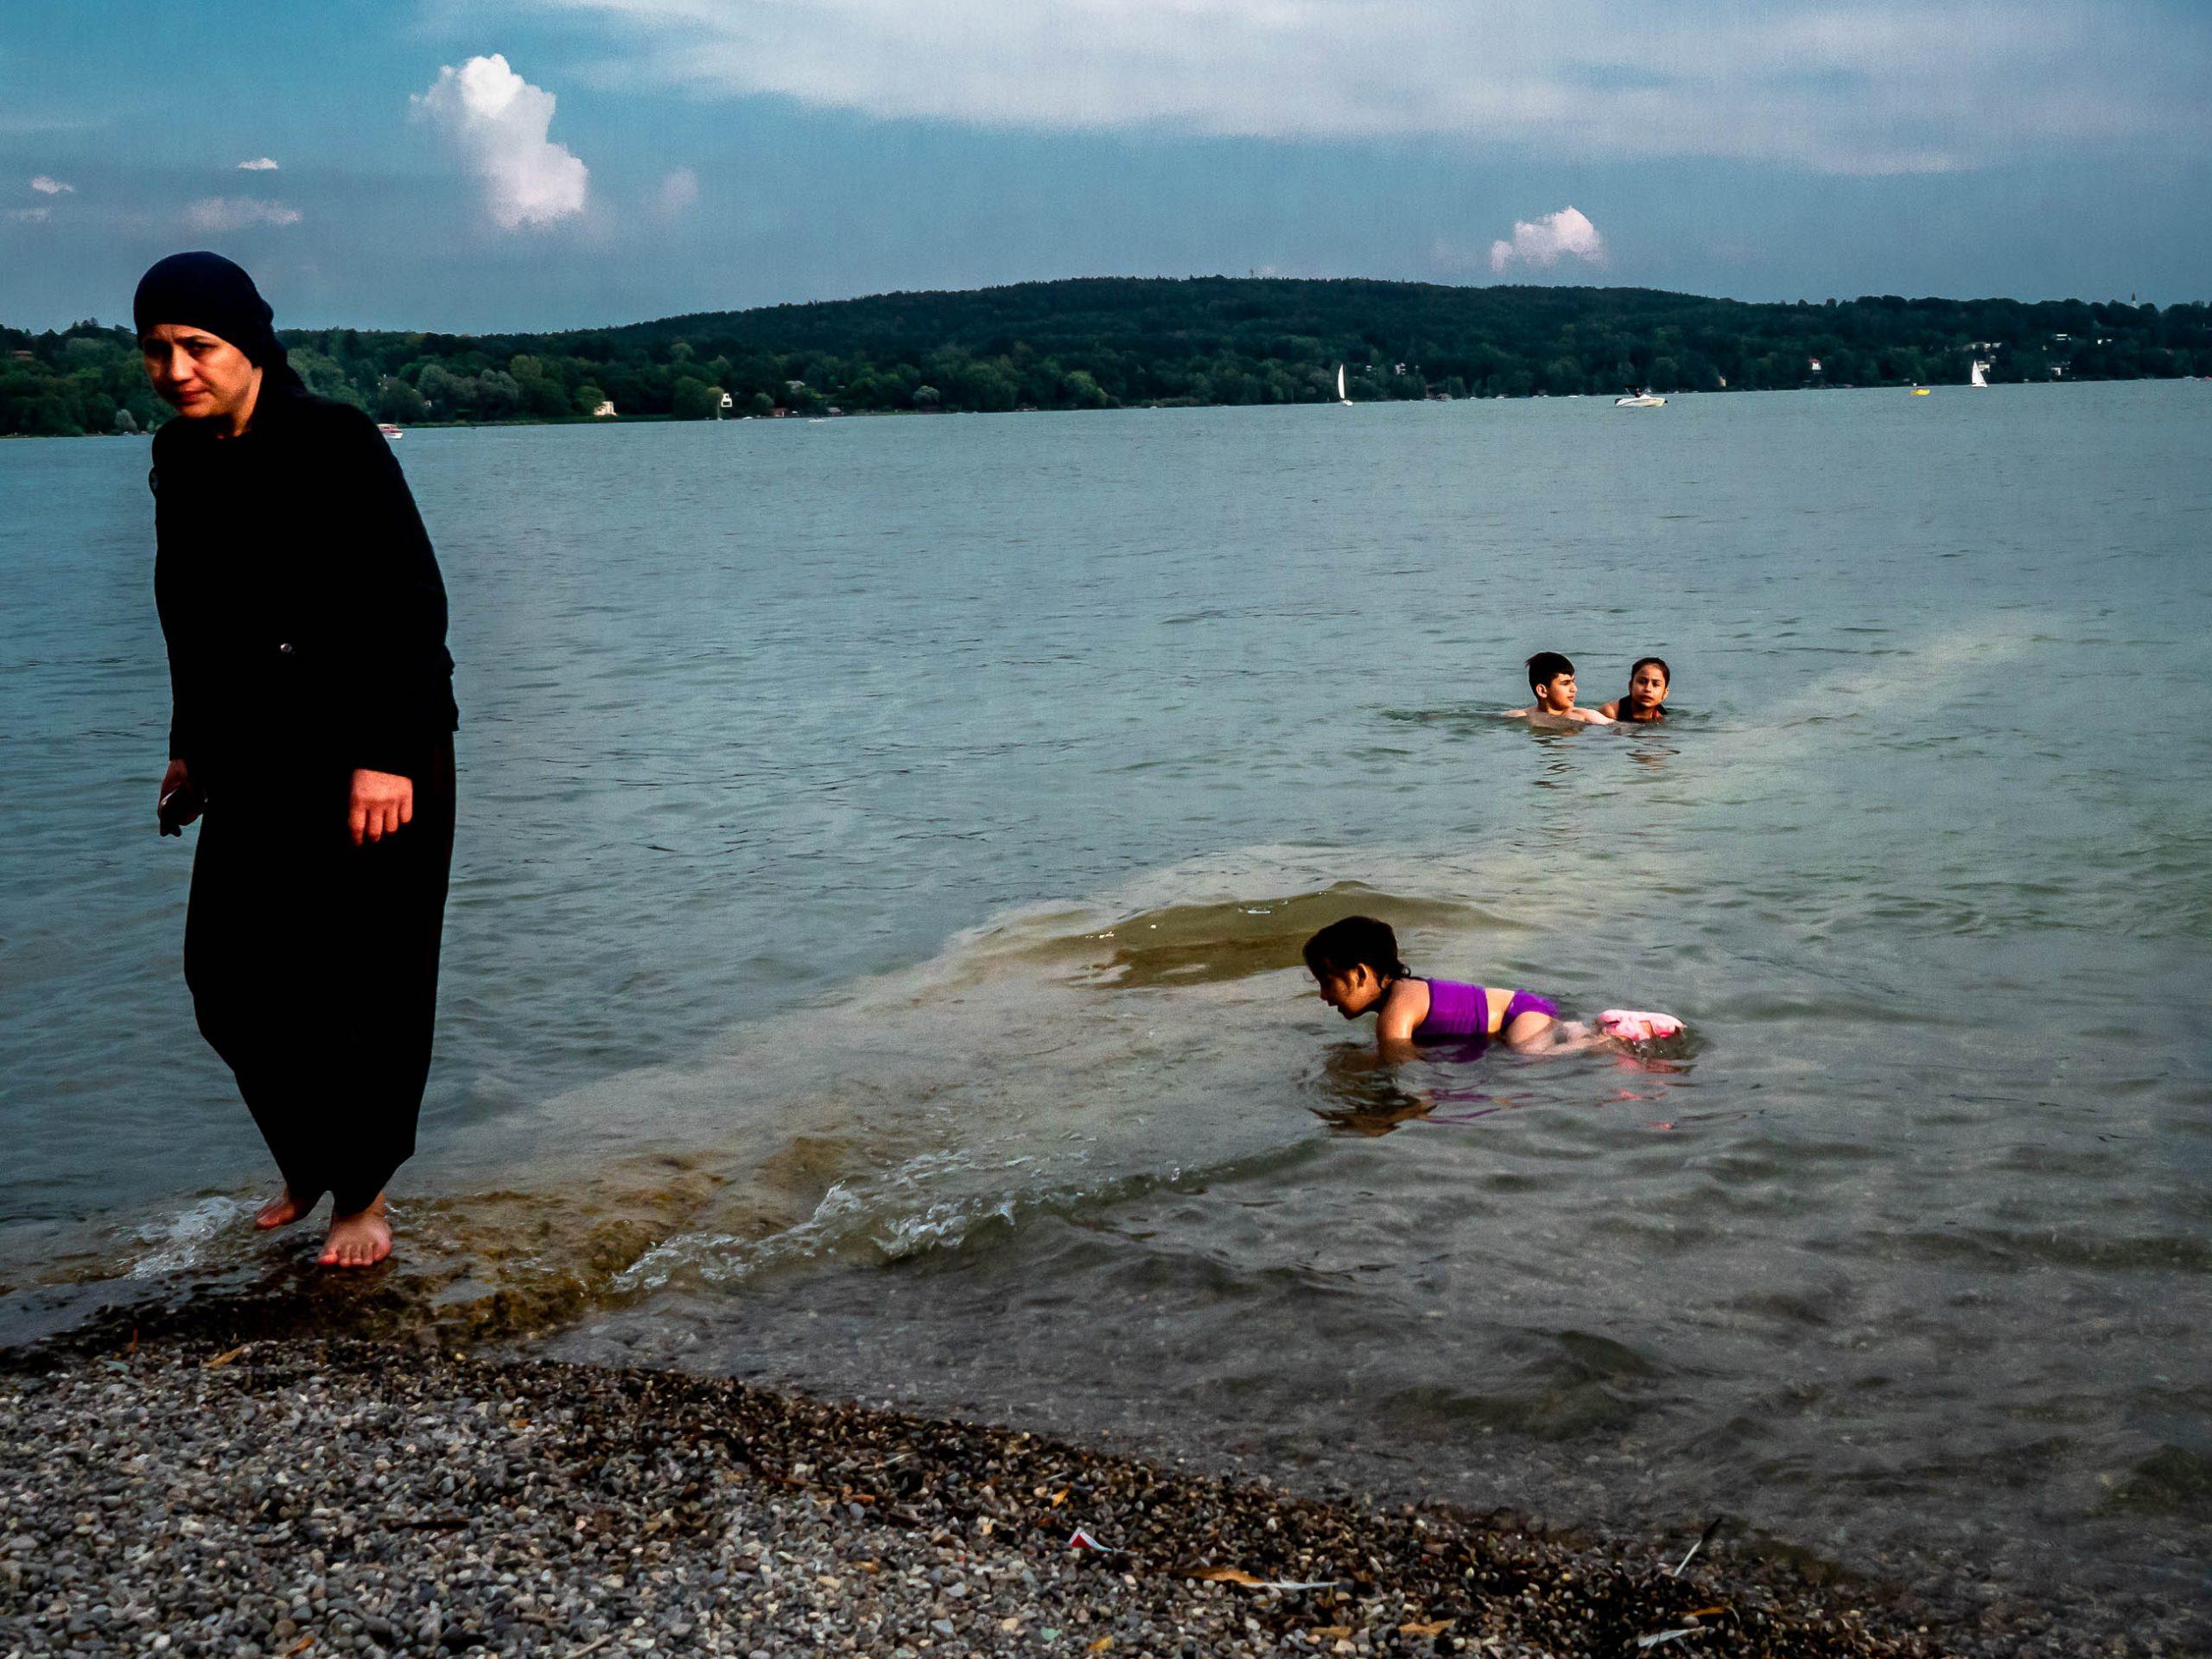 Arabische Mutter im See Menschen auf der Strandpromenade in Starnberg am See in Bayern